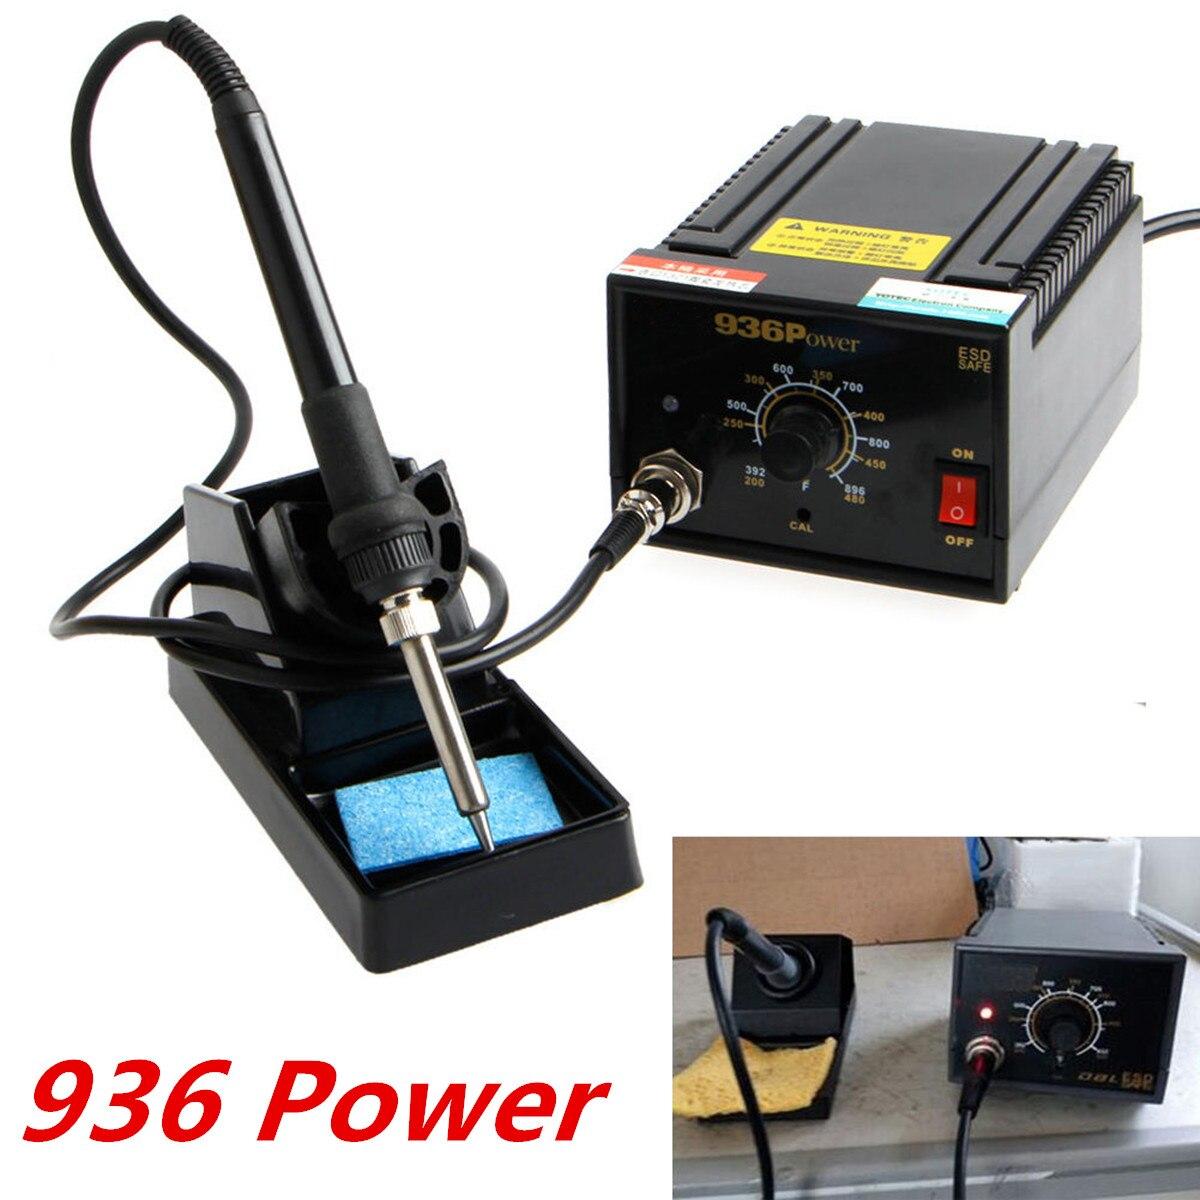 110V / 220V 75W 936 Soldering Station Electric Solder Iron Inverter Frequency Change Rework Stations